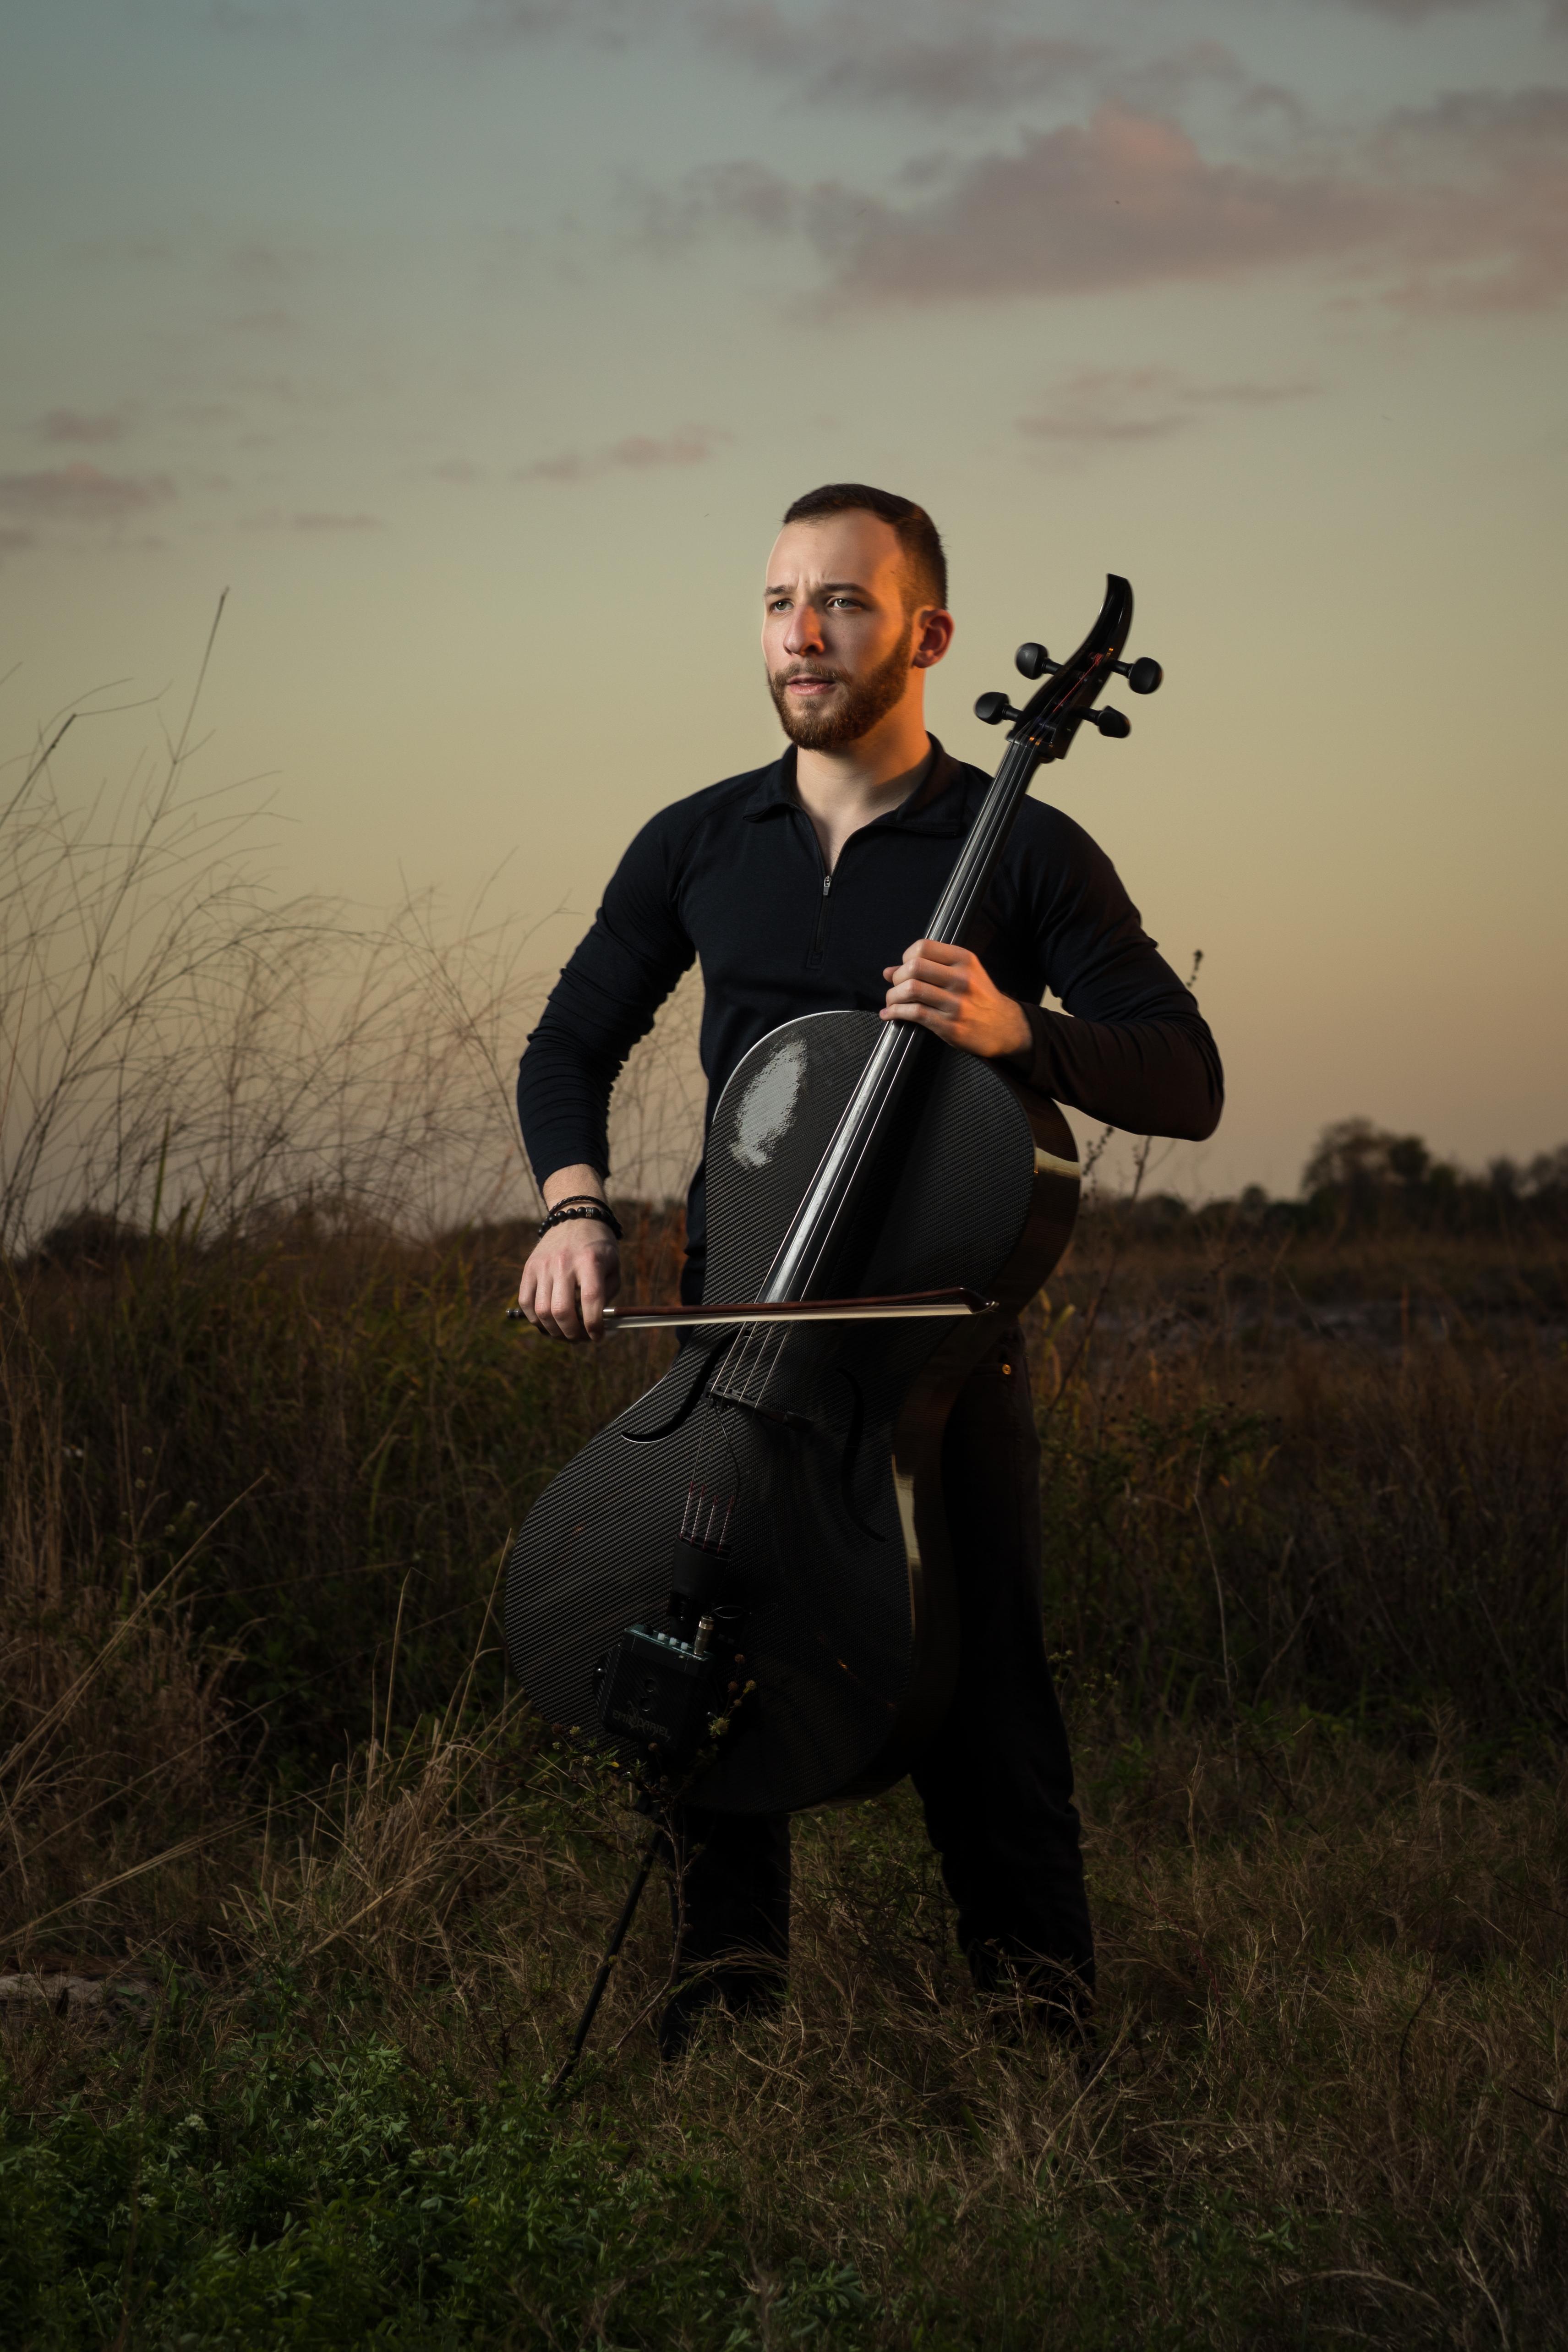 Emil Cello